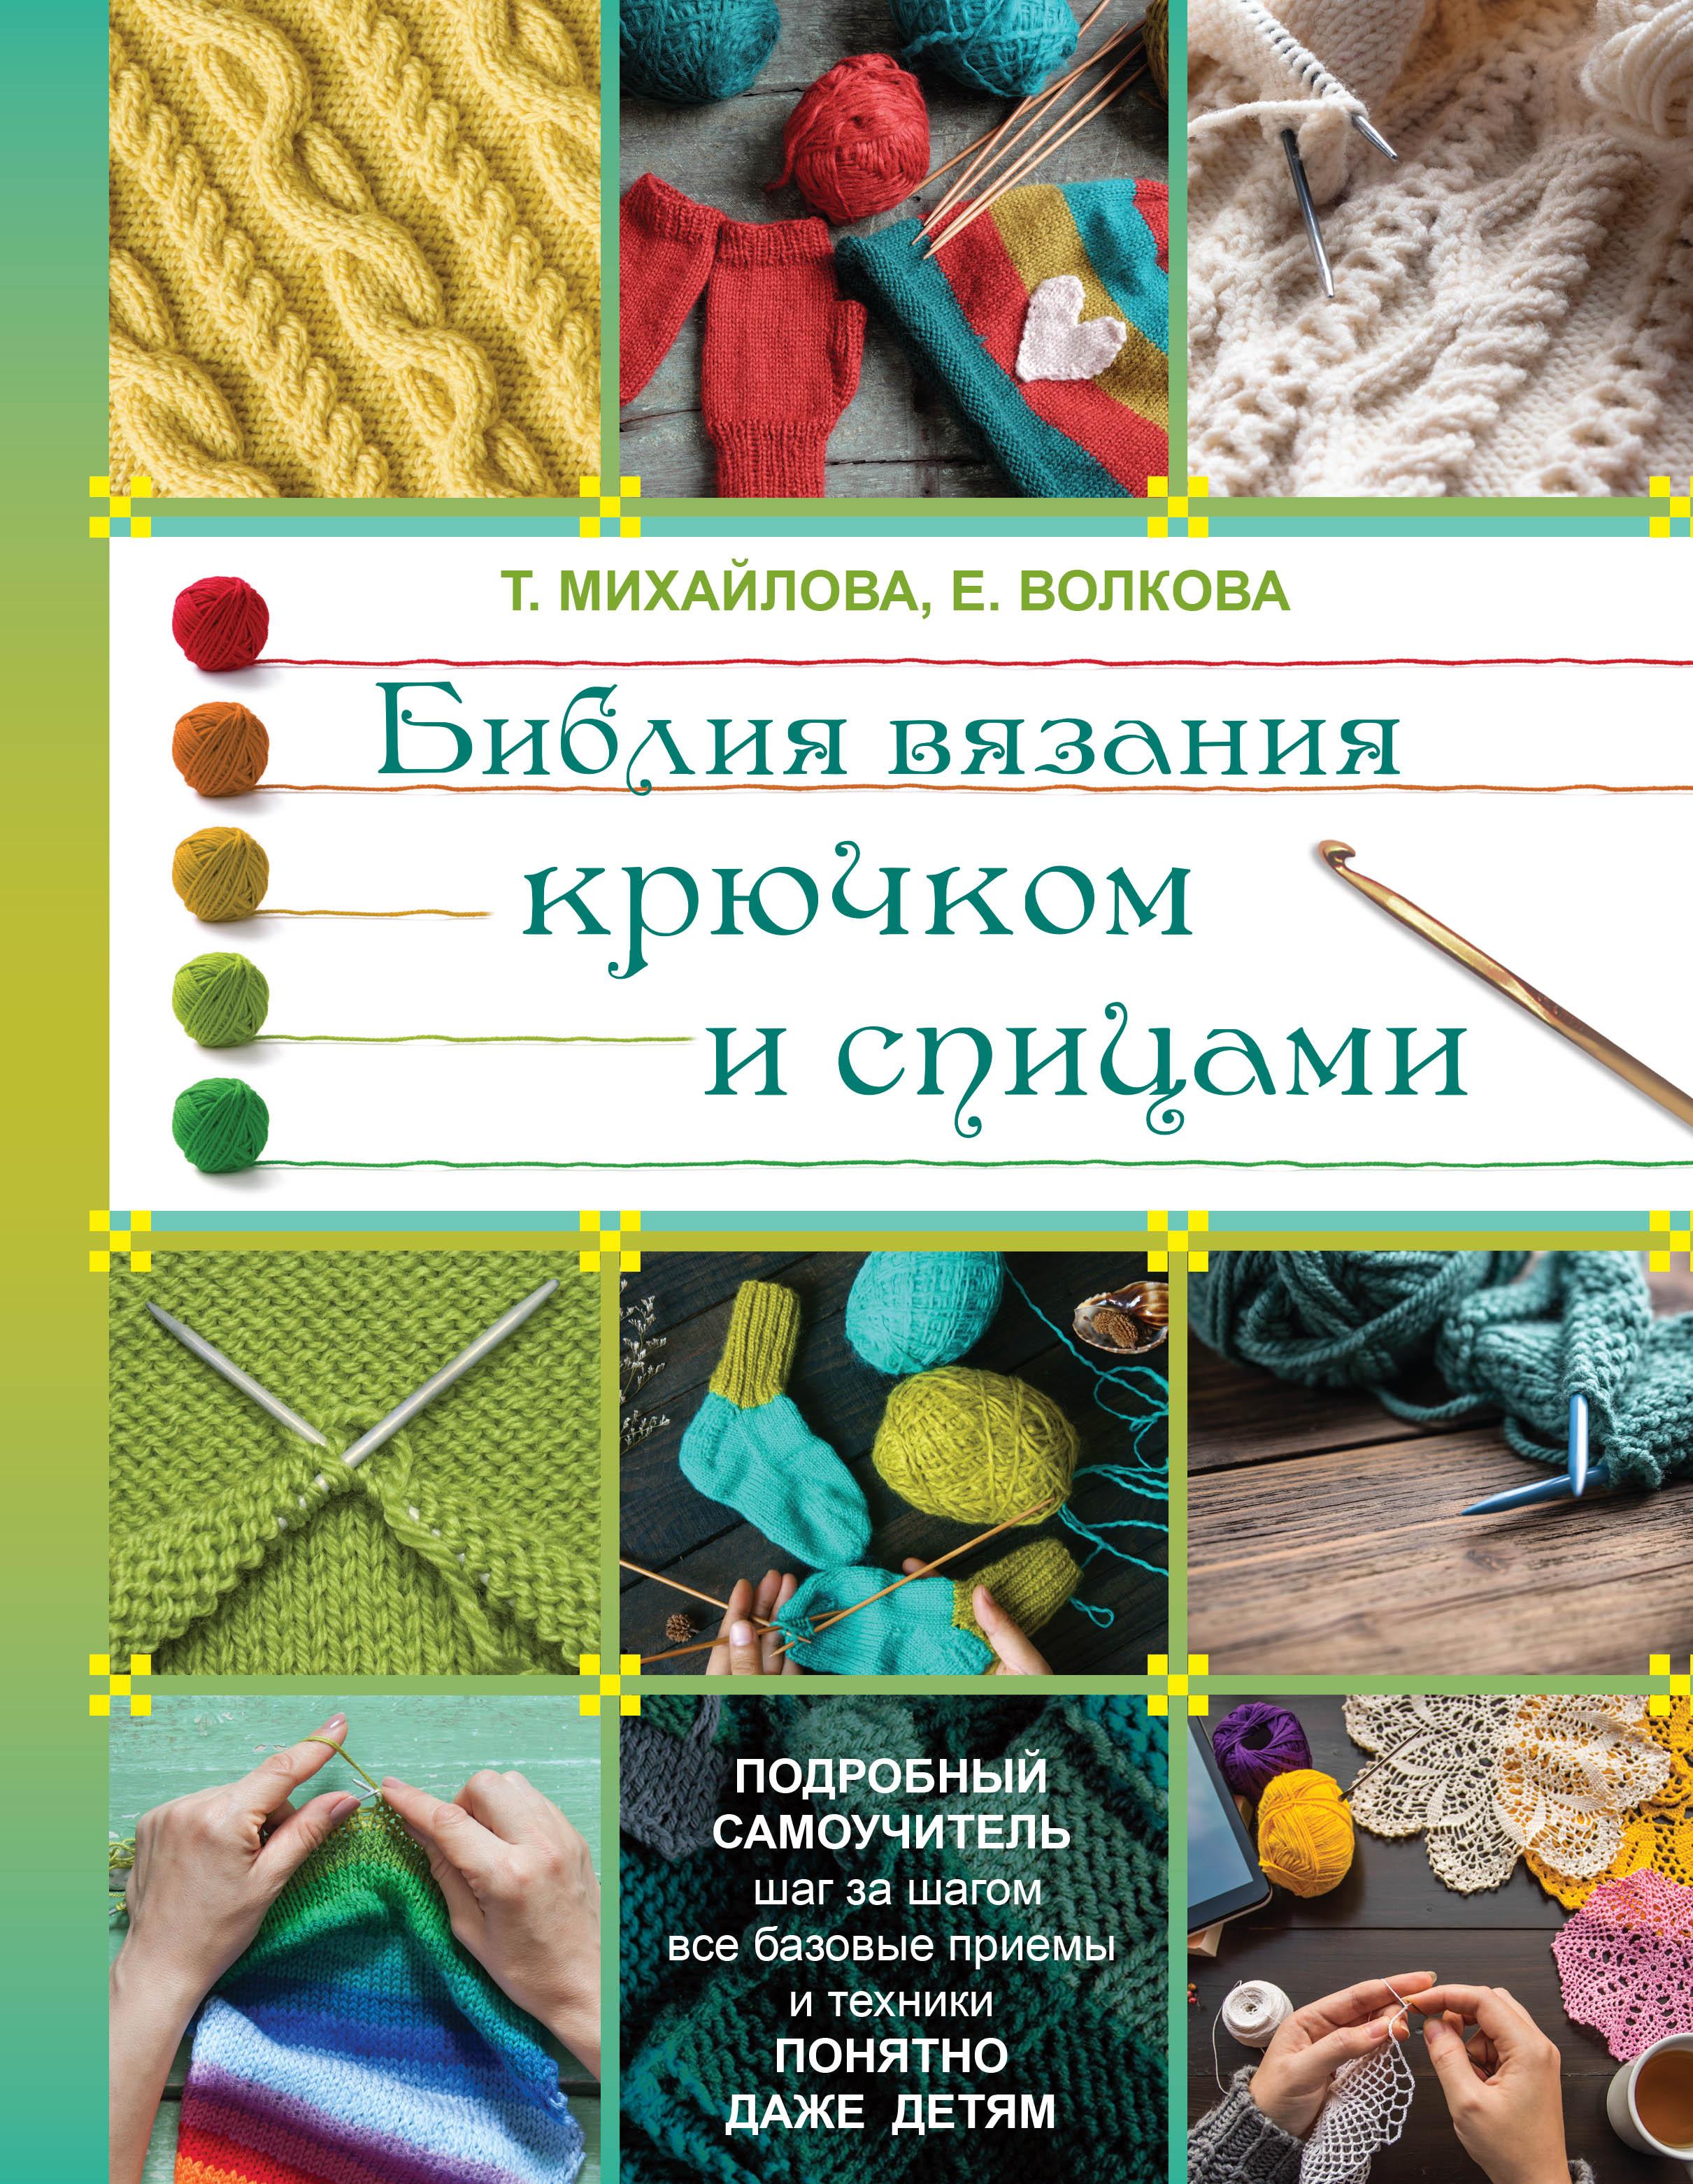 Михайлова Т.В. Библия вязания крючком и спицами библия вязания крючком и спицами